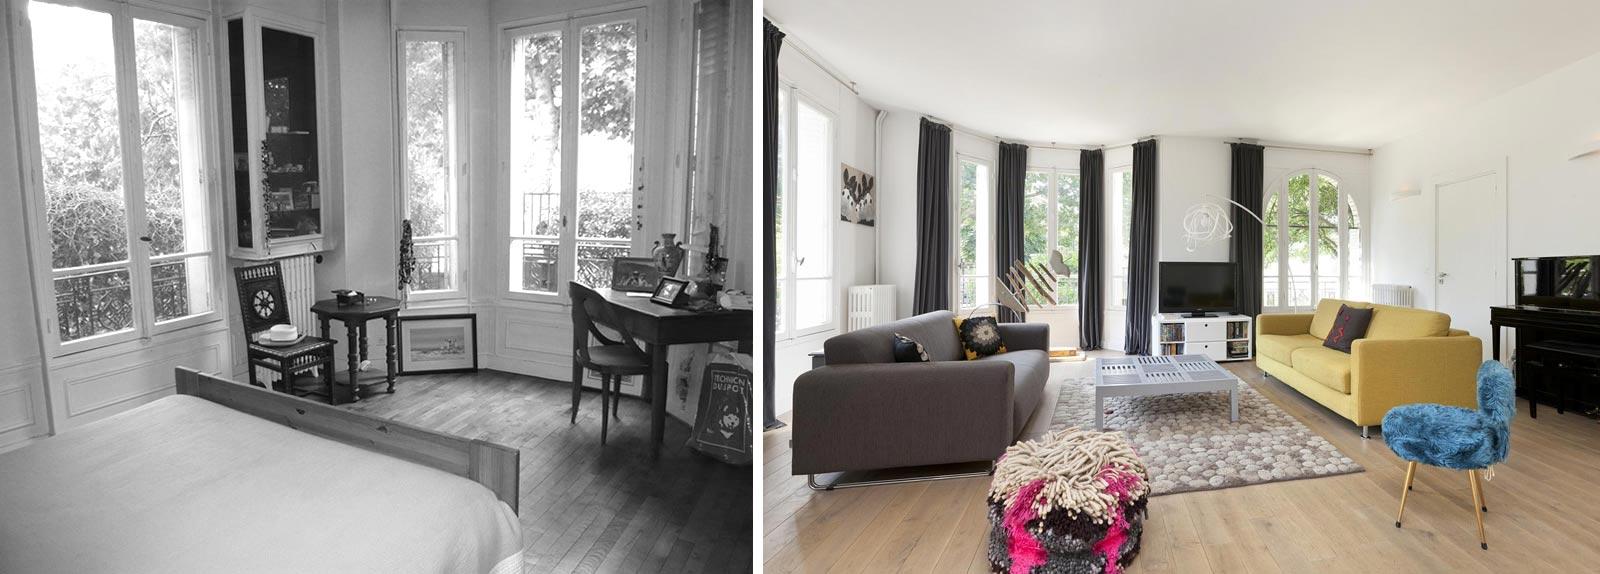 Décoration et relooking d'intérieur d'un salon d'une maison individuelle